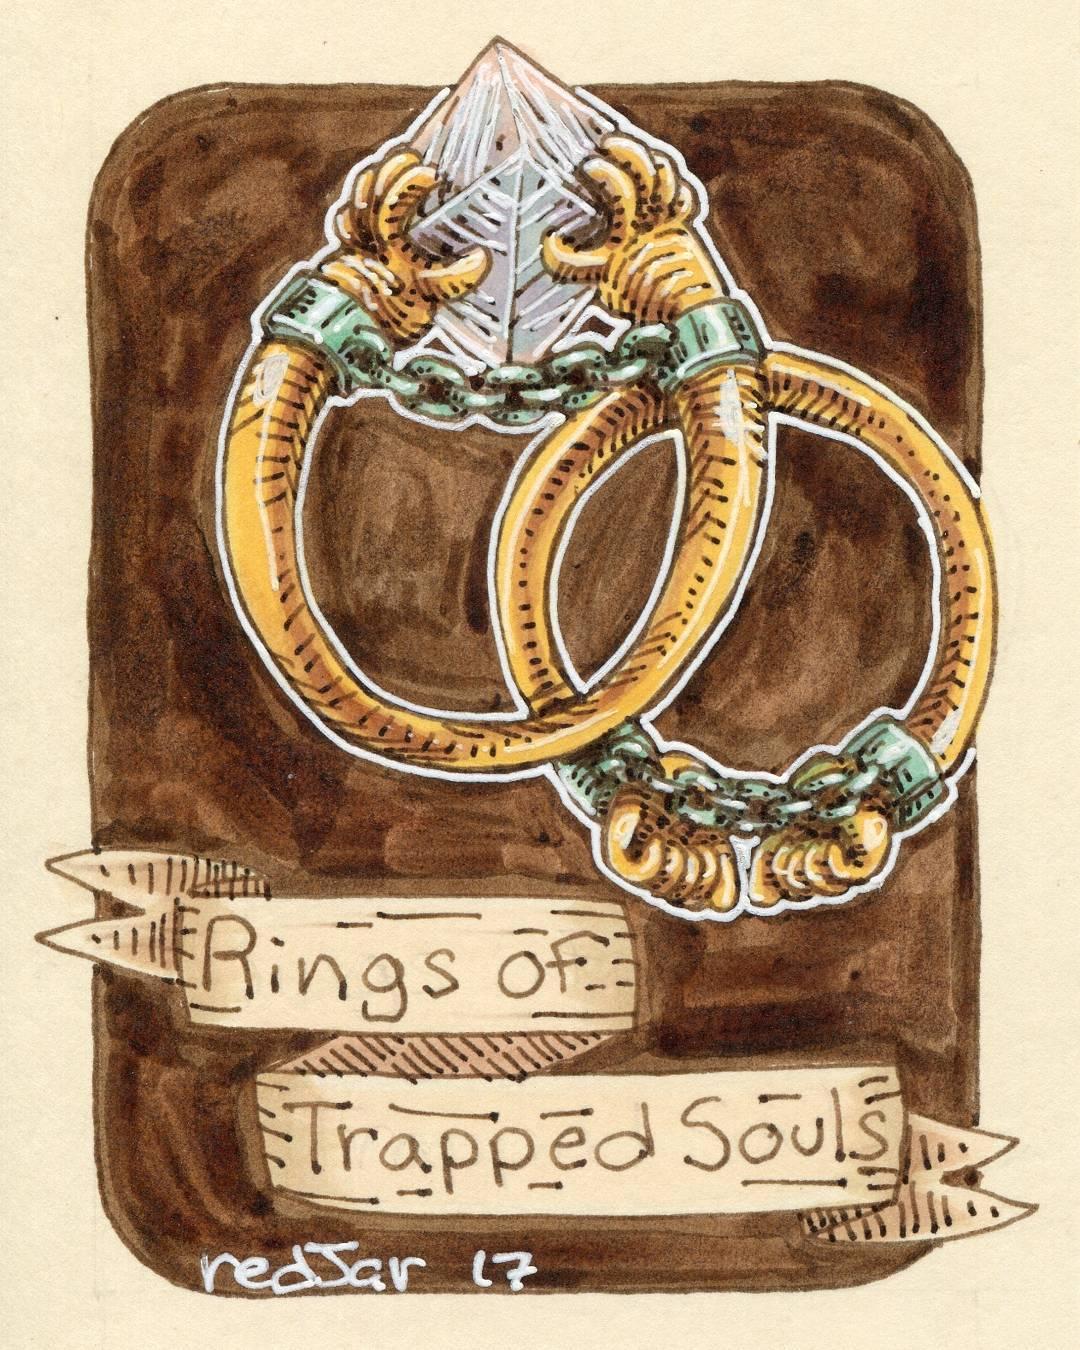 """redjarojam """"Rings of Trapped Souls"""" - by Jared DeCosta (redjarojam) www.instagram.com/redjarojam (2017-04) © dell'autore tutti i diritti riservati"""